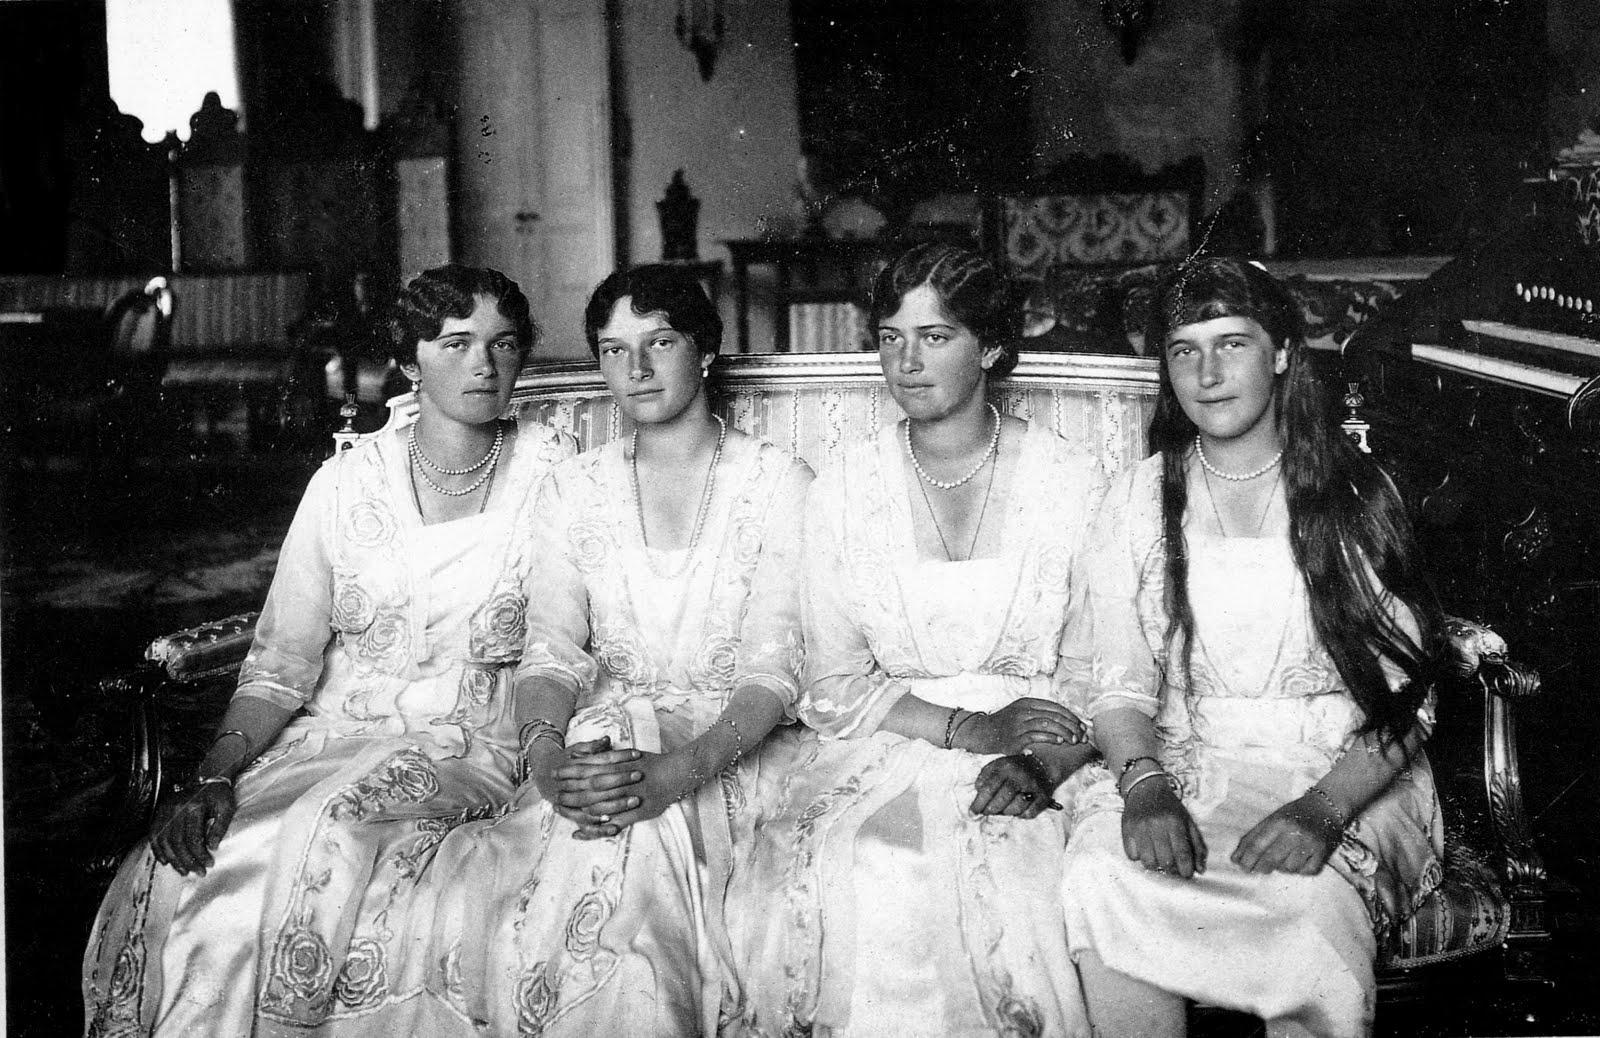 The four Russian princesses, Olga, Tatiana, Maria, and Anastasia, seated together.